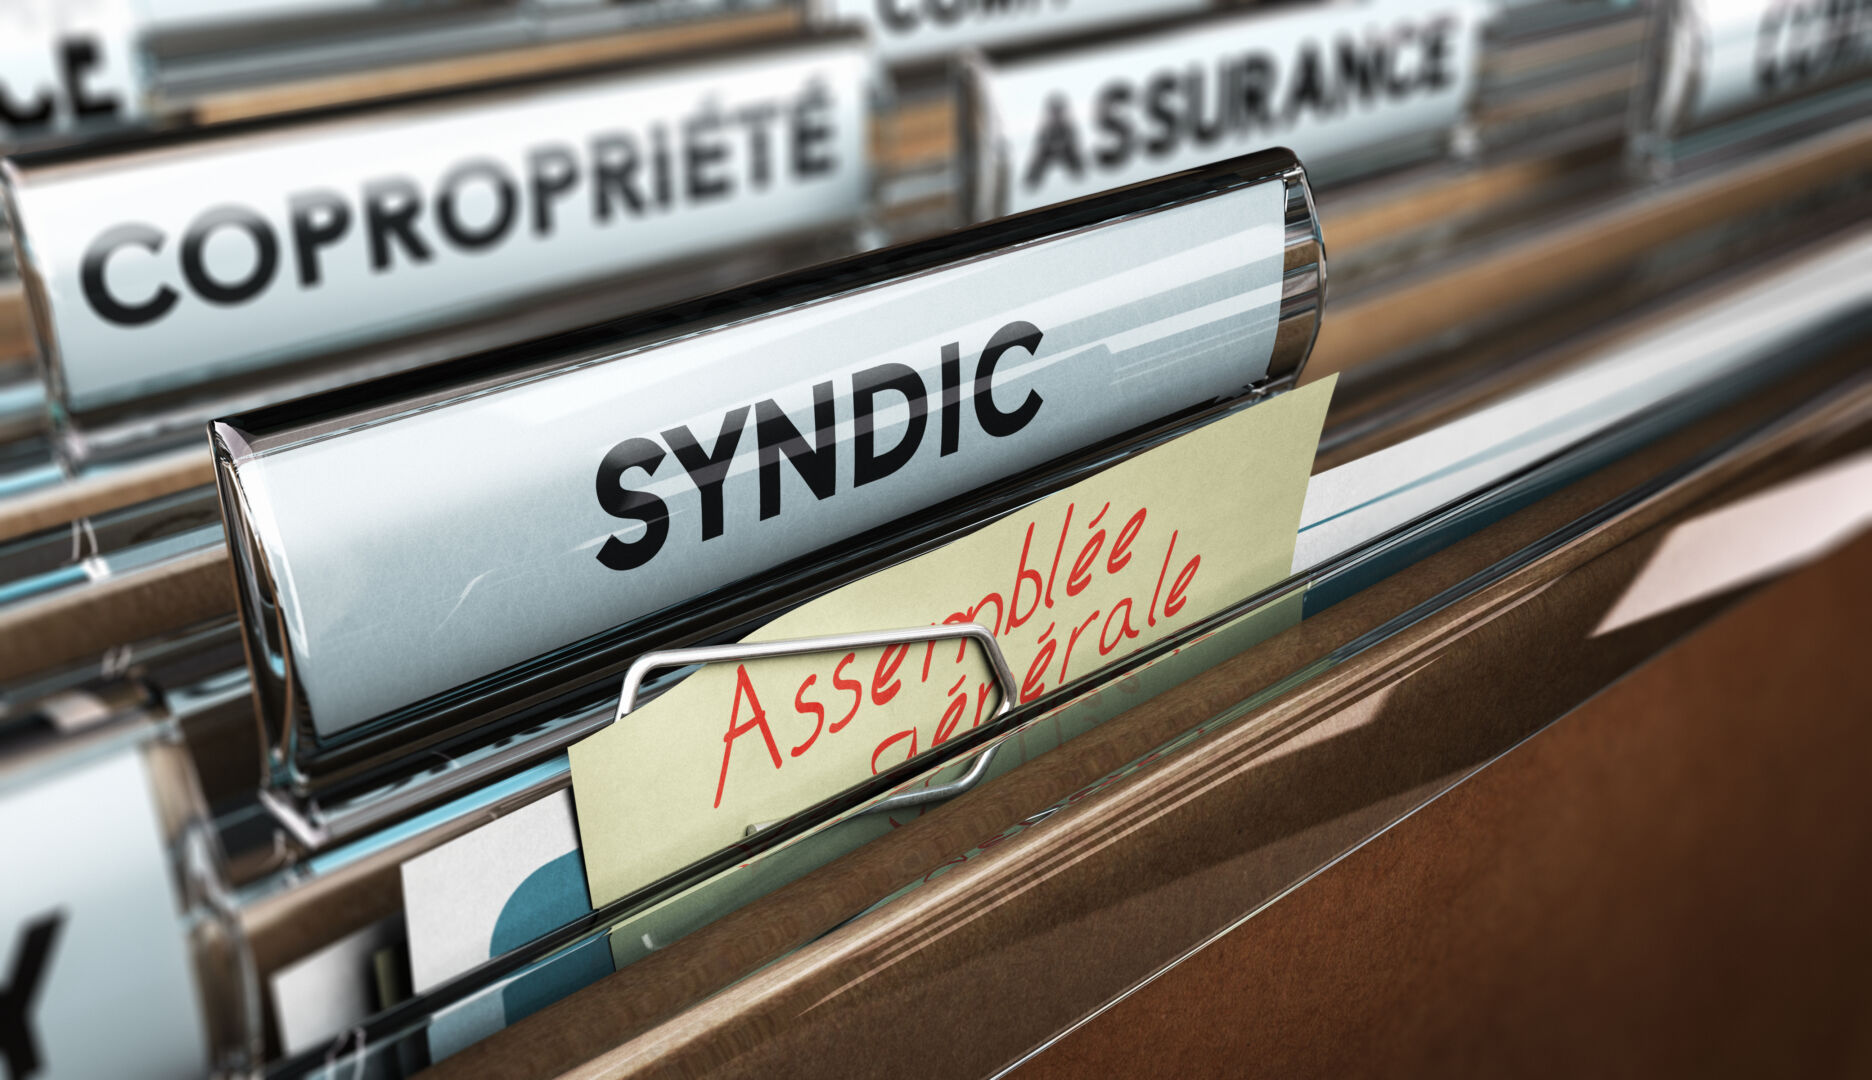 Des postes de gestionnaire de copropriété sont à pourvoir dans la métropole bordelaise ainsi que partout en France